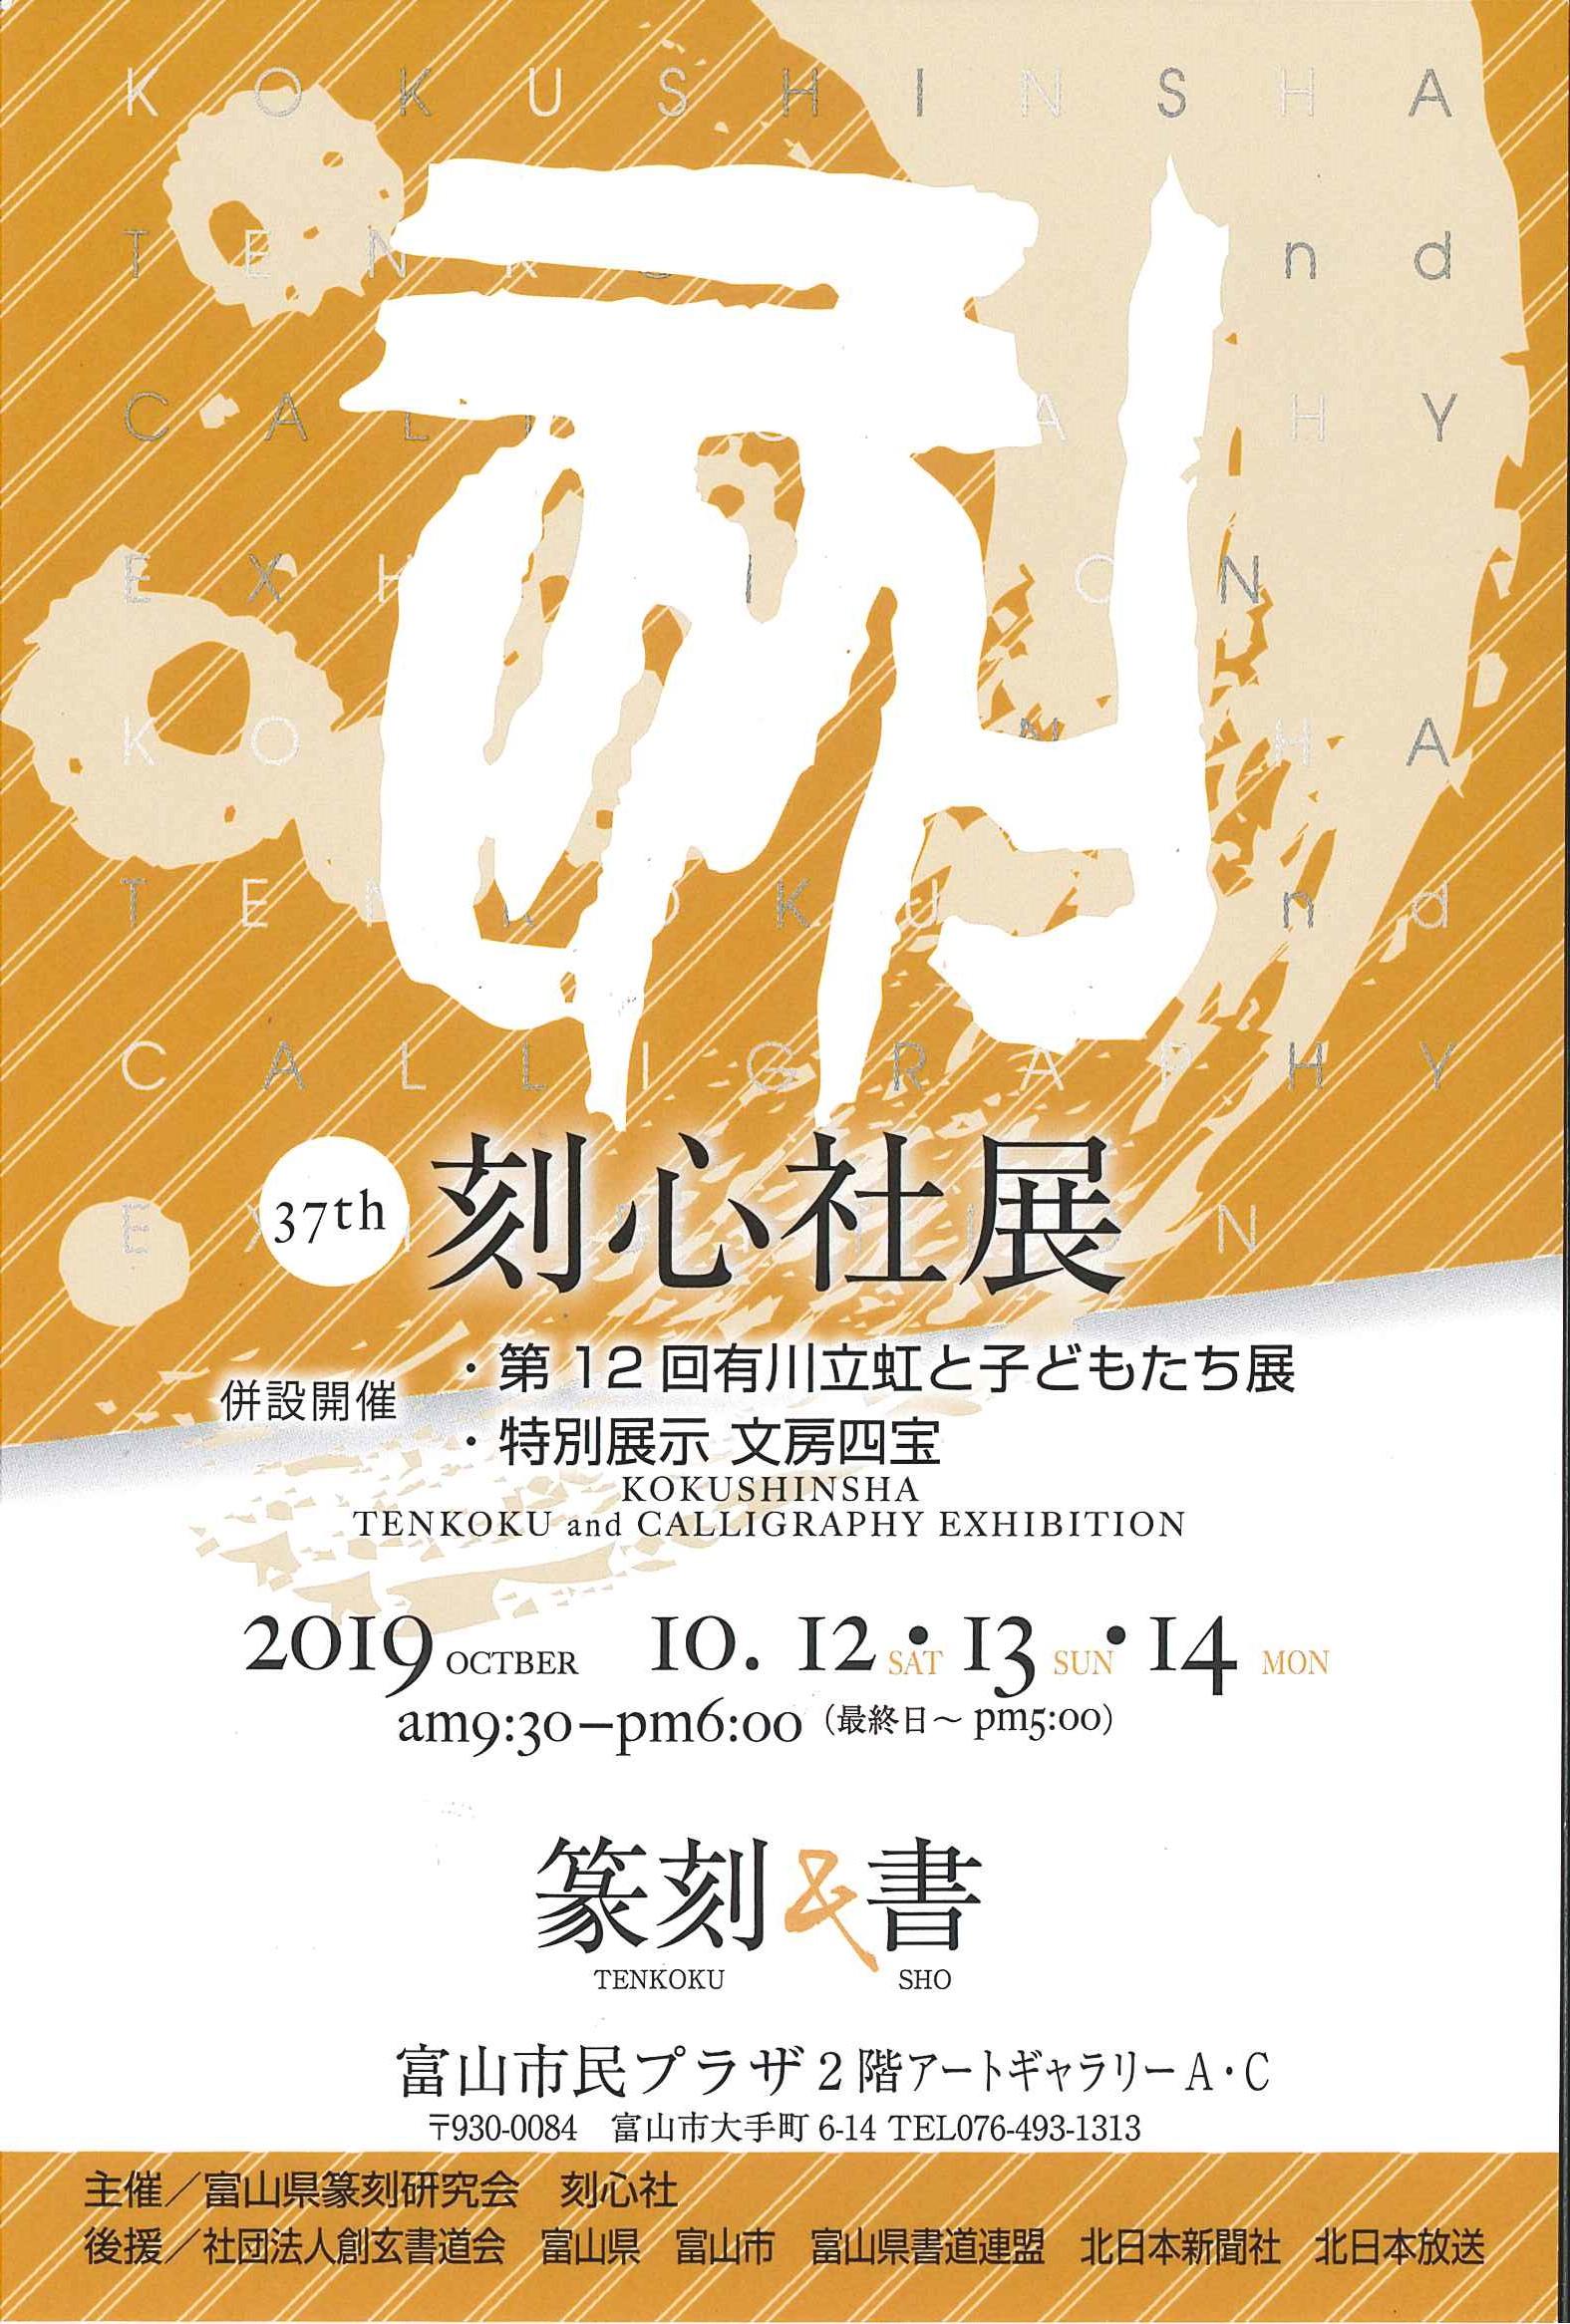 http://www.sogen.or.jp/letter/2019/09/30/20190930130947505_0001.jpg